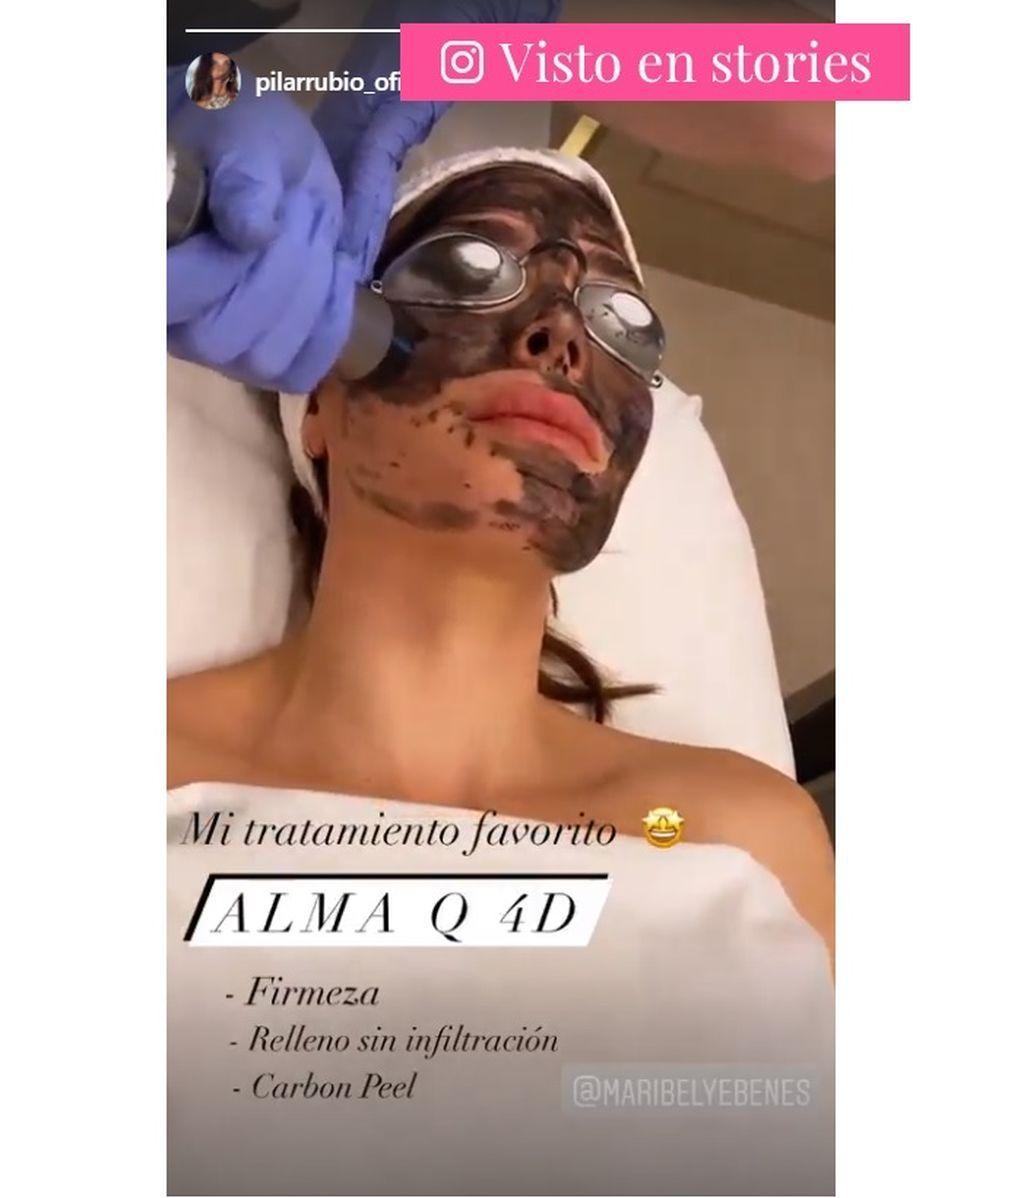 Pilar Rubio se muestra recibiendo un tratamiento de relleno mediante láser